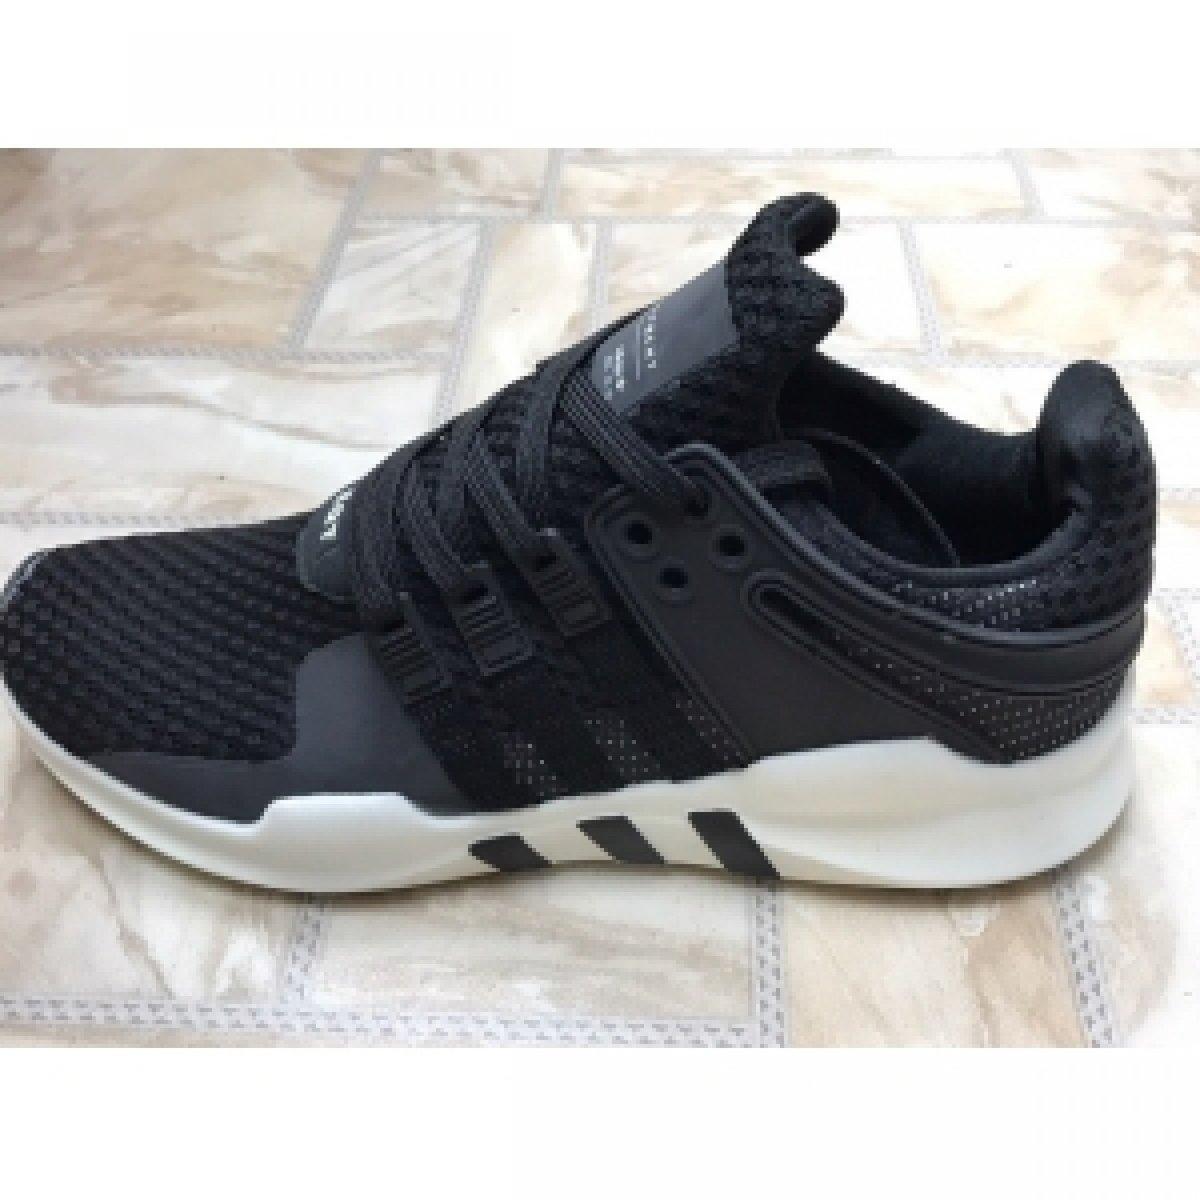 ca9113910930 Кроссовки Adidas Equipment в Текели. Кроссовки , по цене от Перейти на официальный  сайт производителя